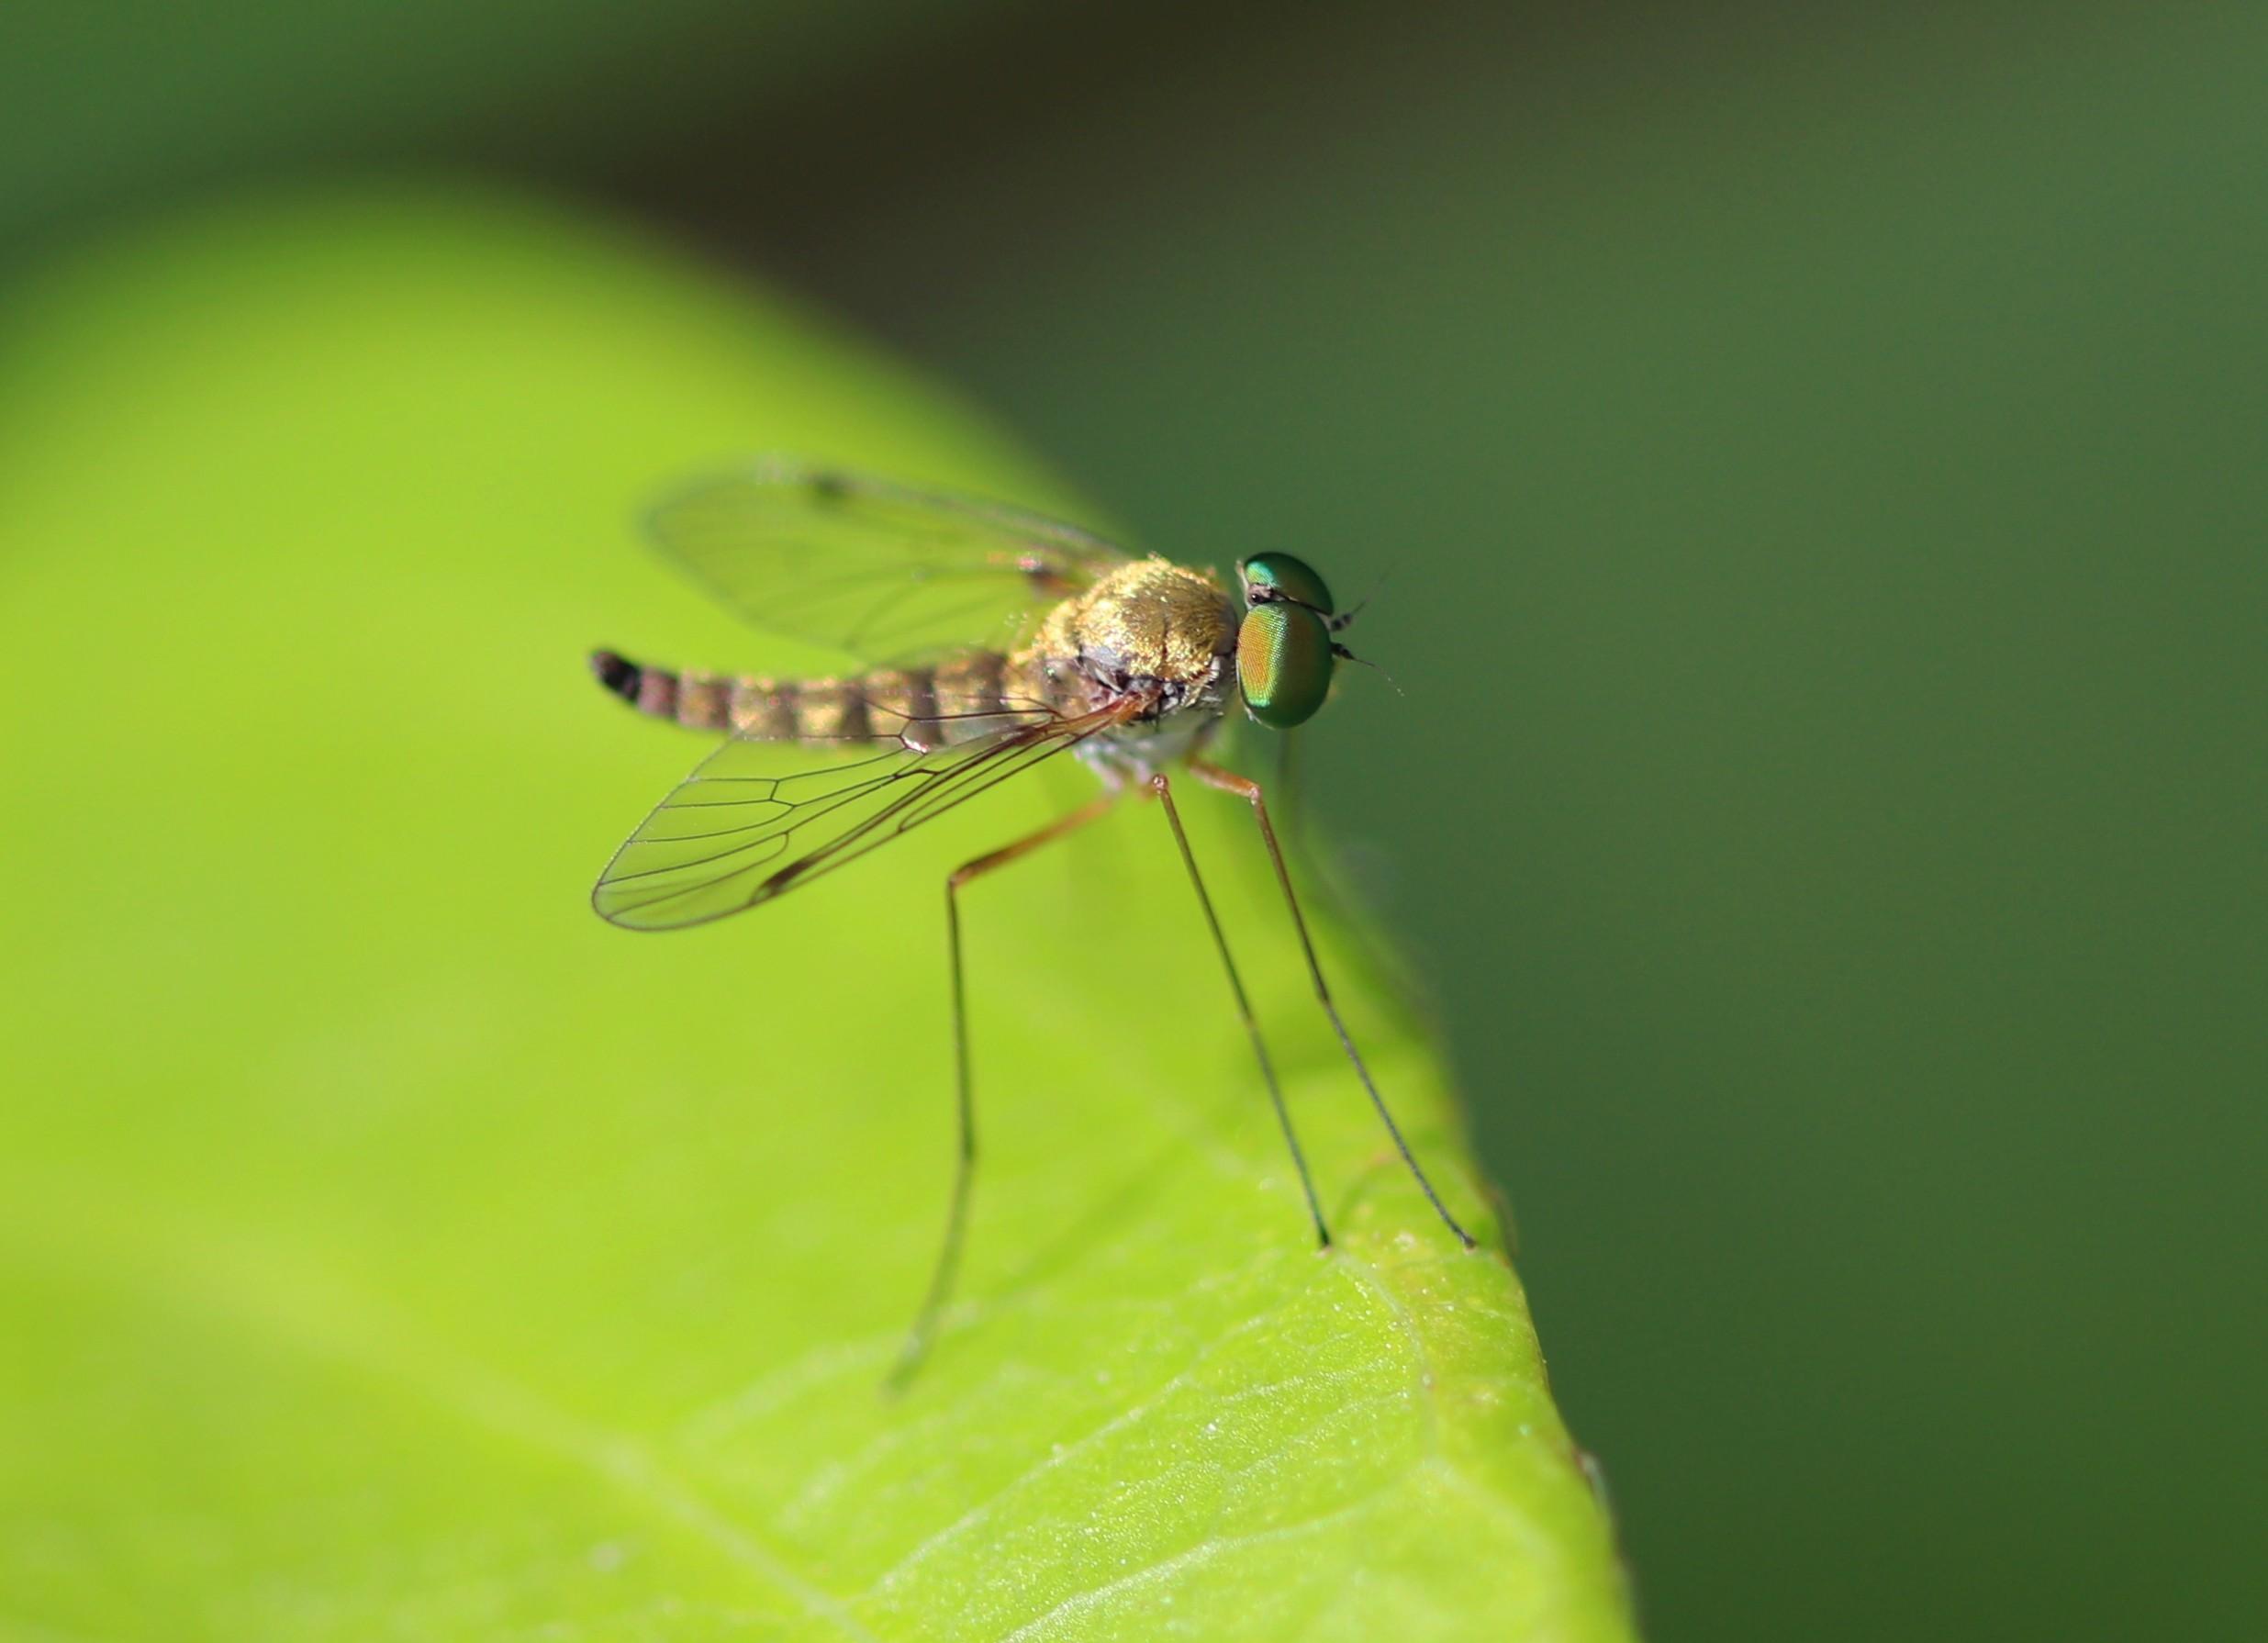 [Chrysopilus asiliformis] fluette aux beaux yeux ? Diptyr10